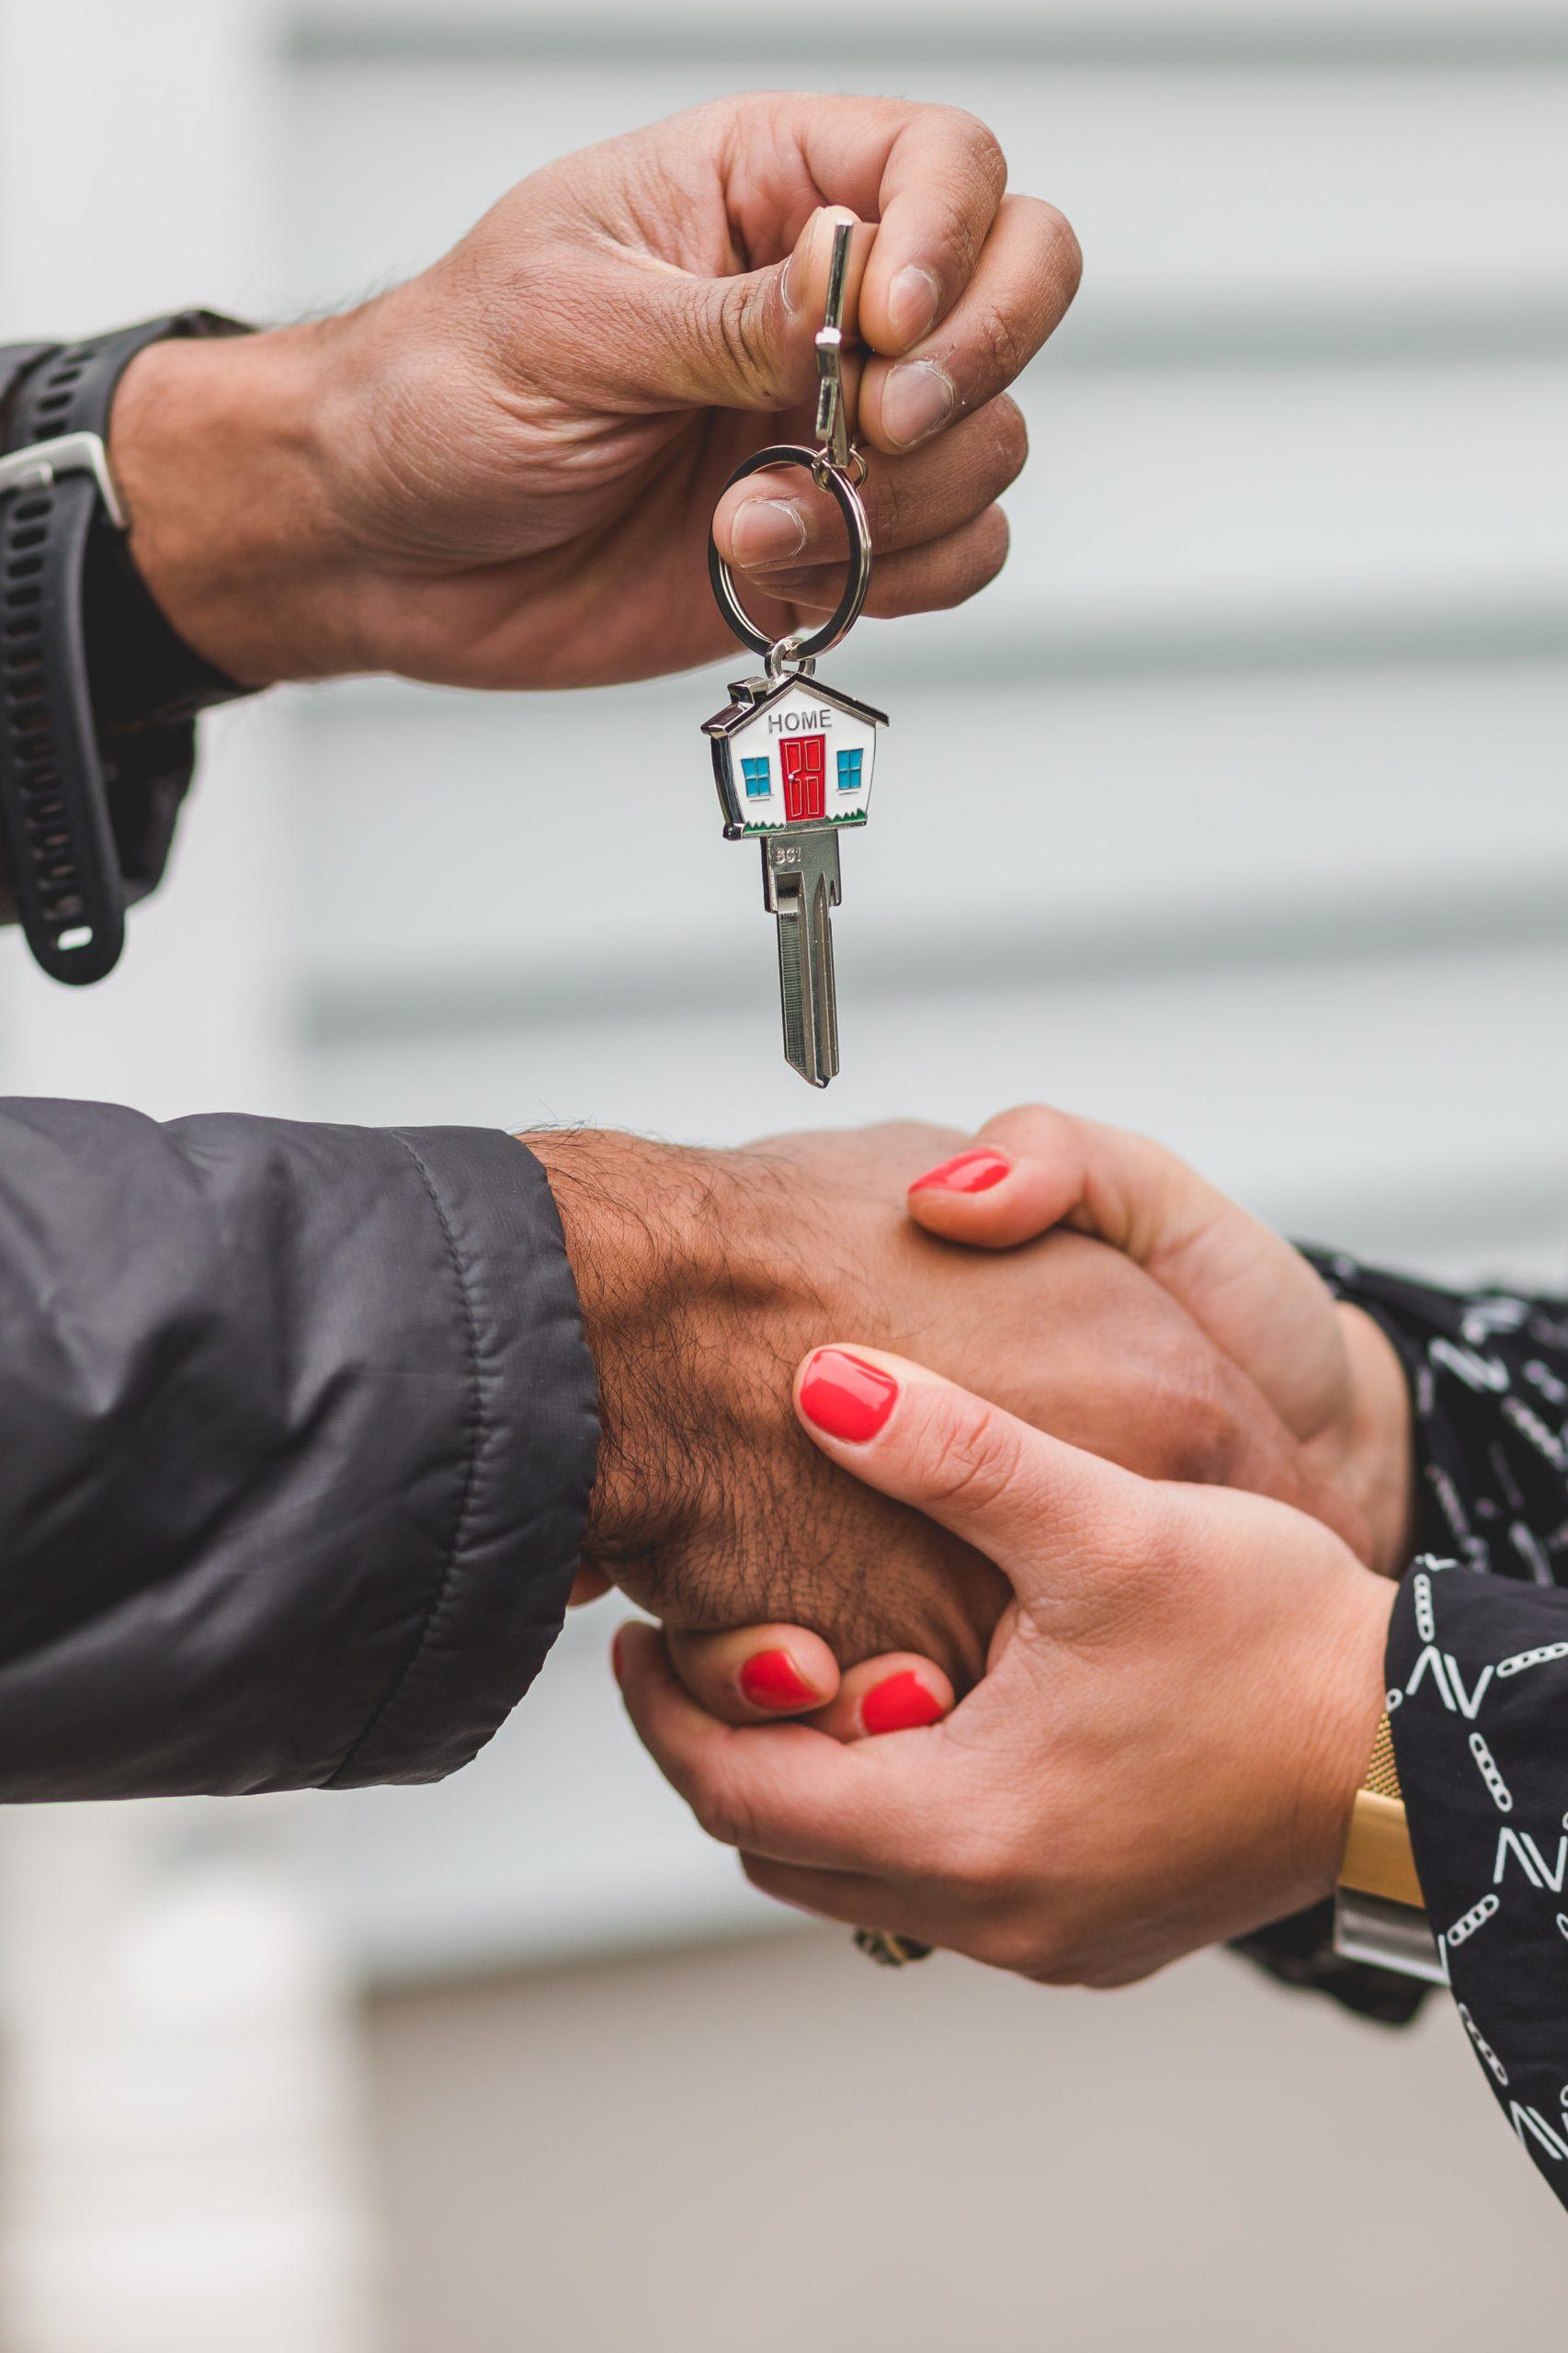 Unsere Tipps und Tricks für die Wohnungssuche